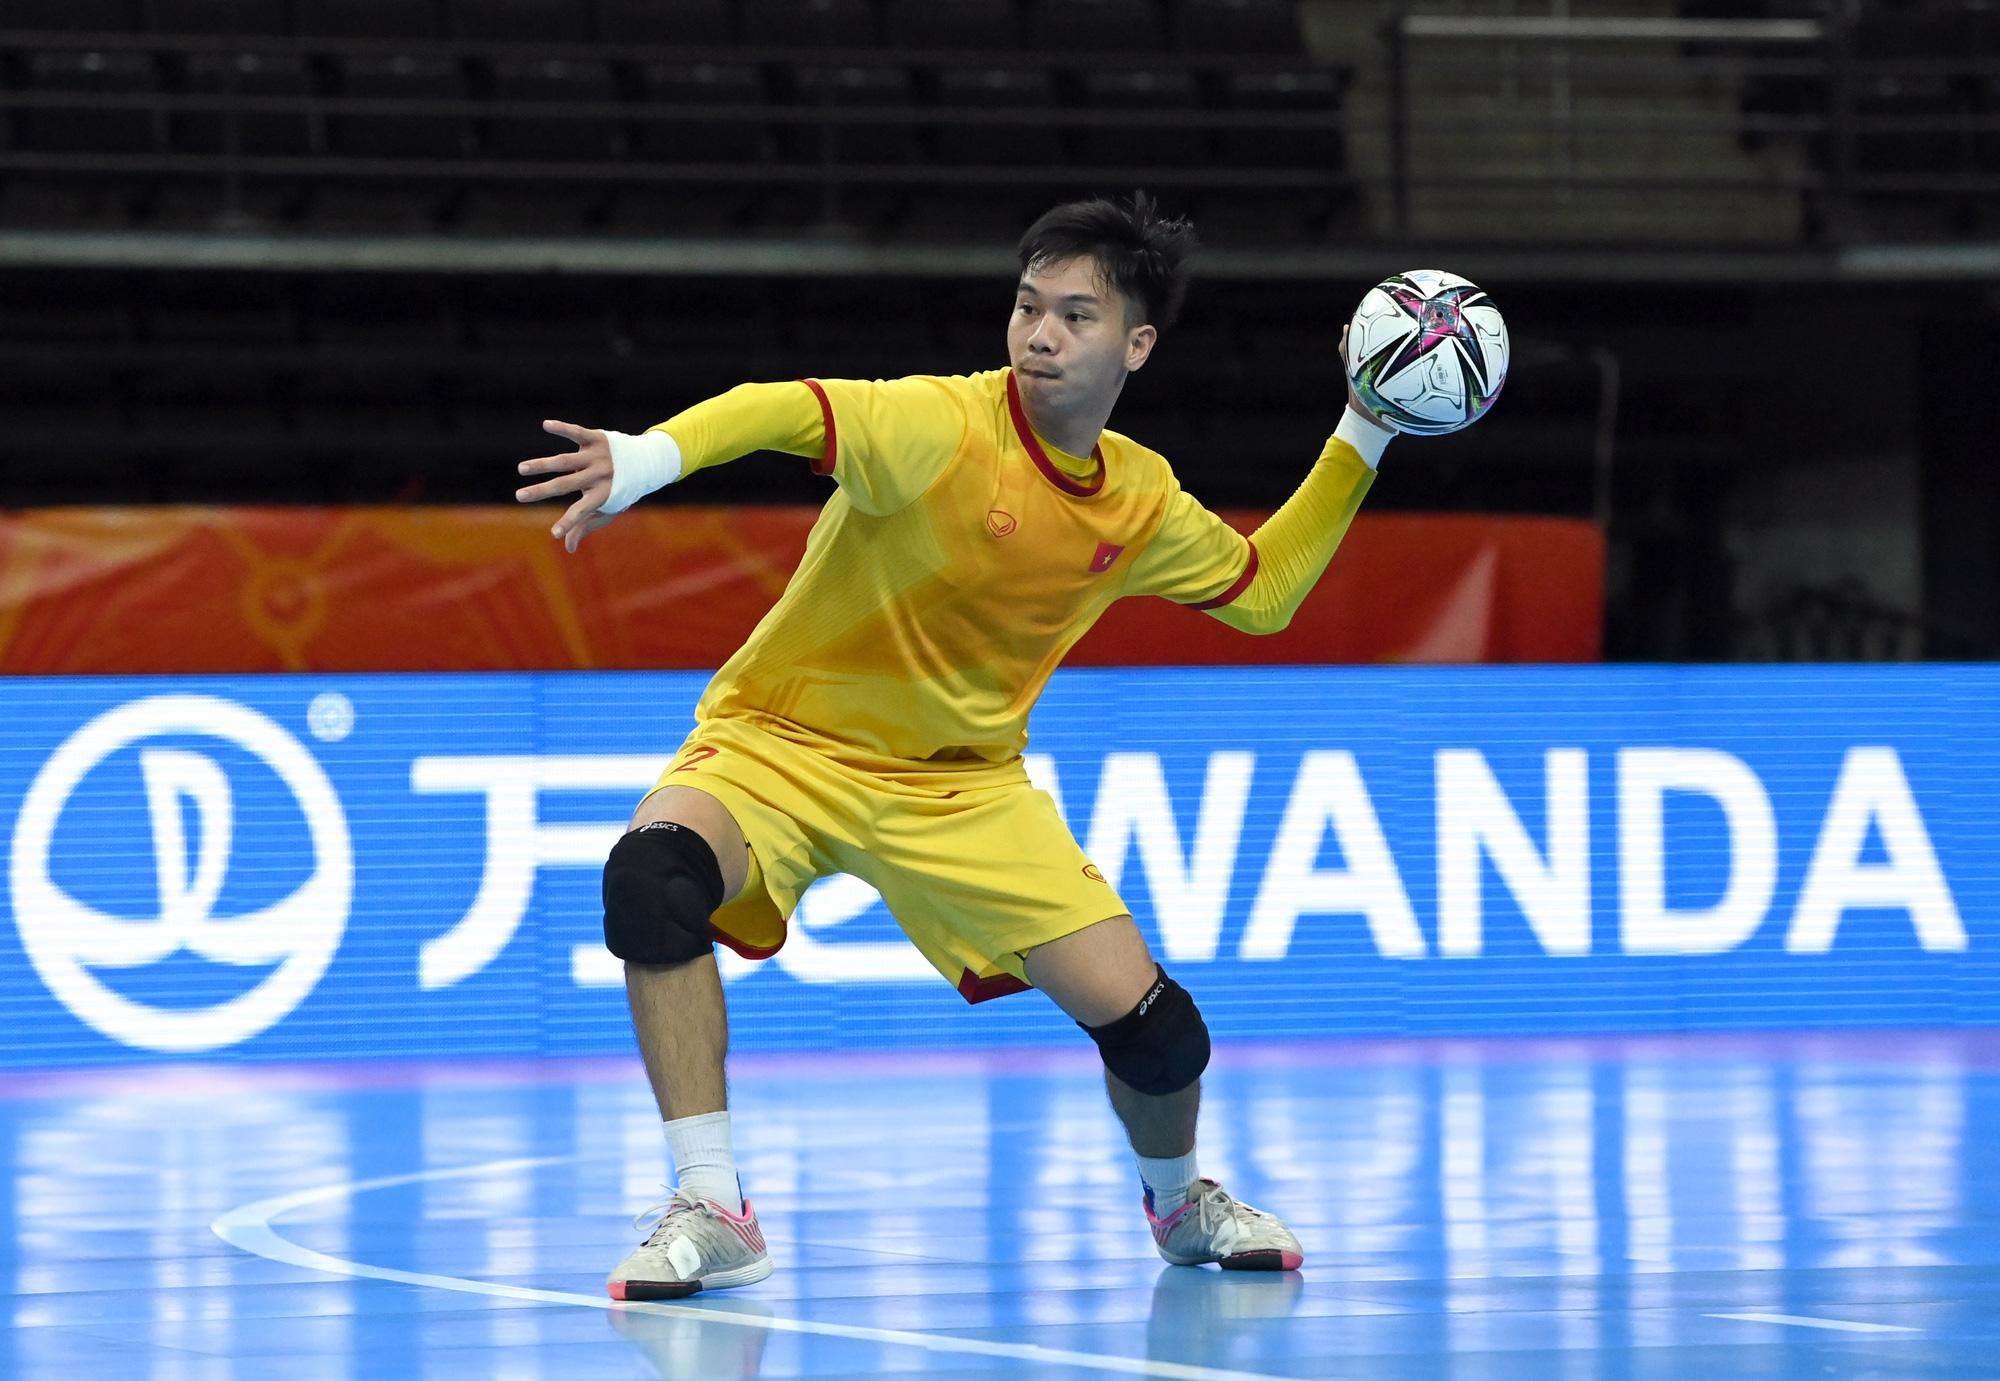 Vào đến vòng 16 đội World Cup 2021, các tuyển thủ futsal Việt Nam vẫn chỉ có lượt theo dõi khiêm tốn trên mạng xã hội - Ảnh 3.